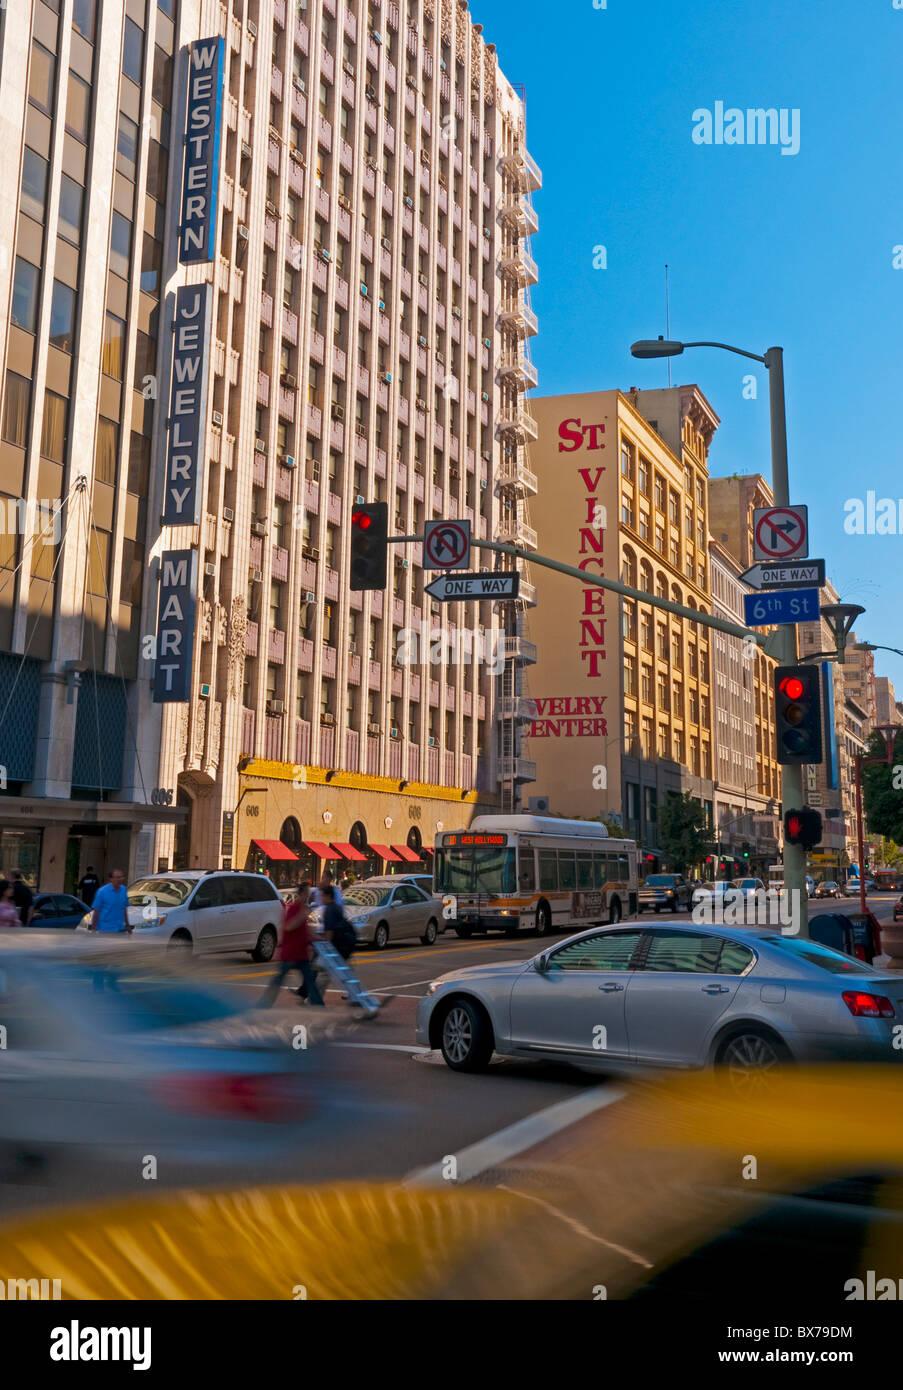 En el centro de la ciudad, barrio de las Joyerías, Los Angeles, California, Estados Unidos de América, Imagen De Stock